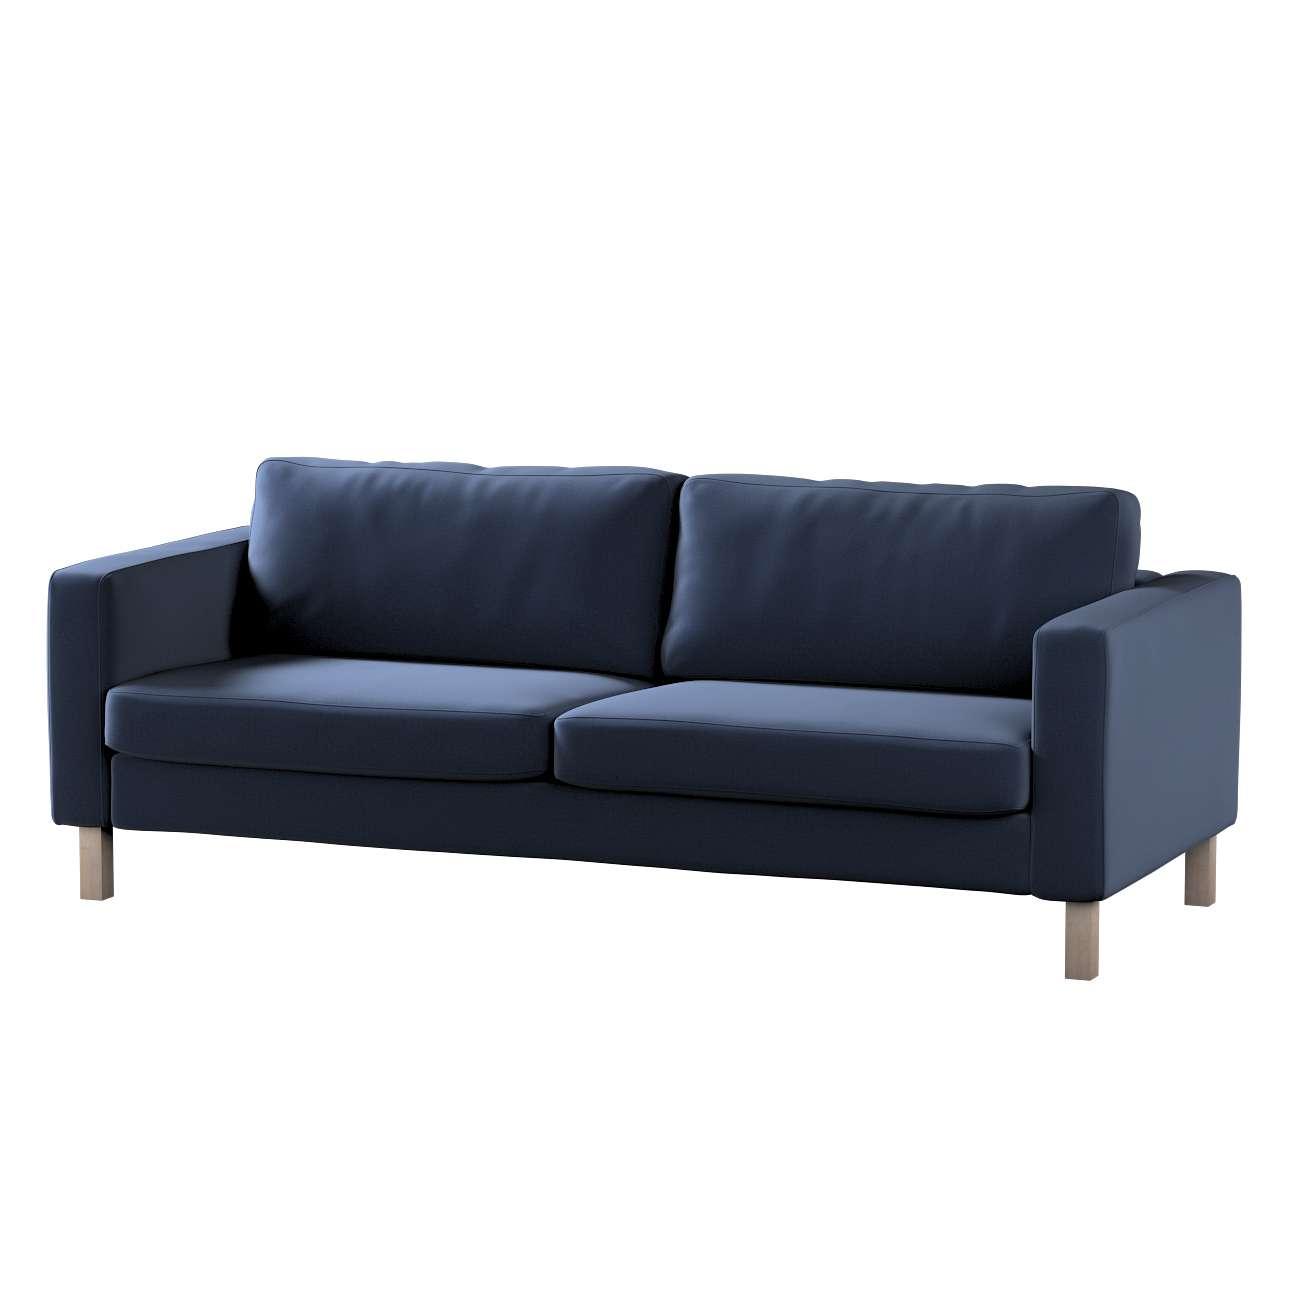 Potah na pohovku IKEA Karlstad, 3-místná, rozkládací v kolekci Ingrid, látka: 705-39